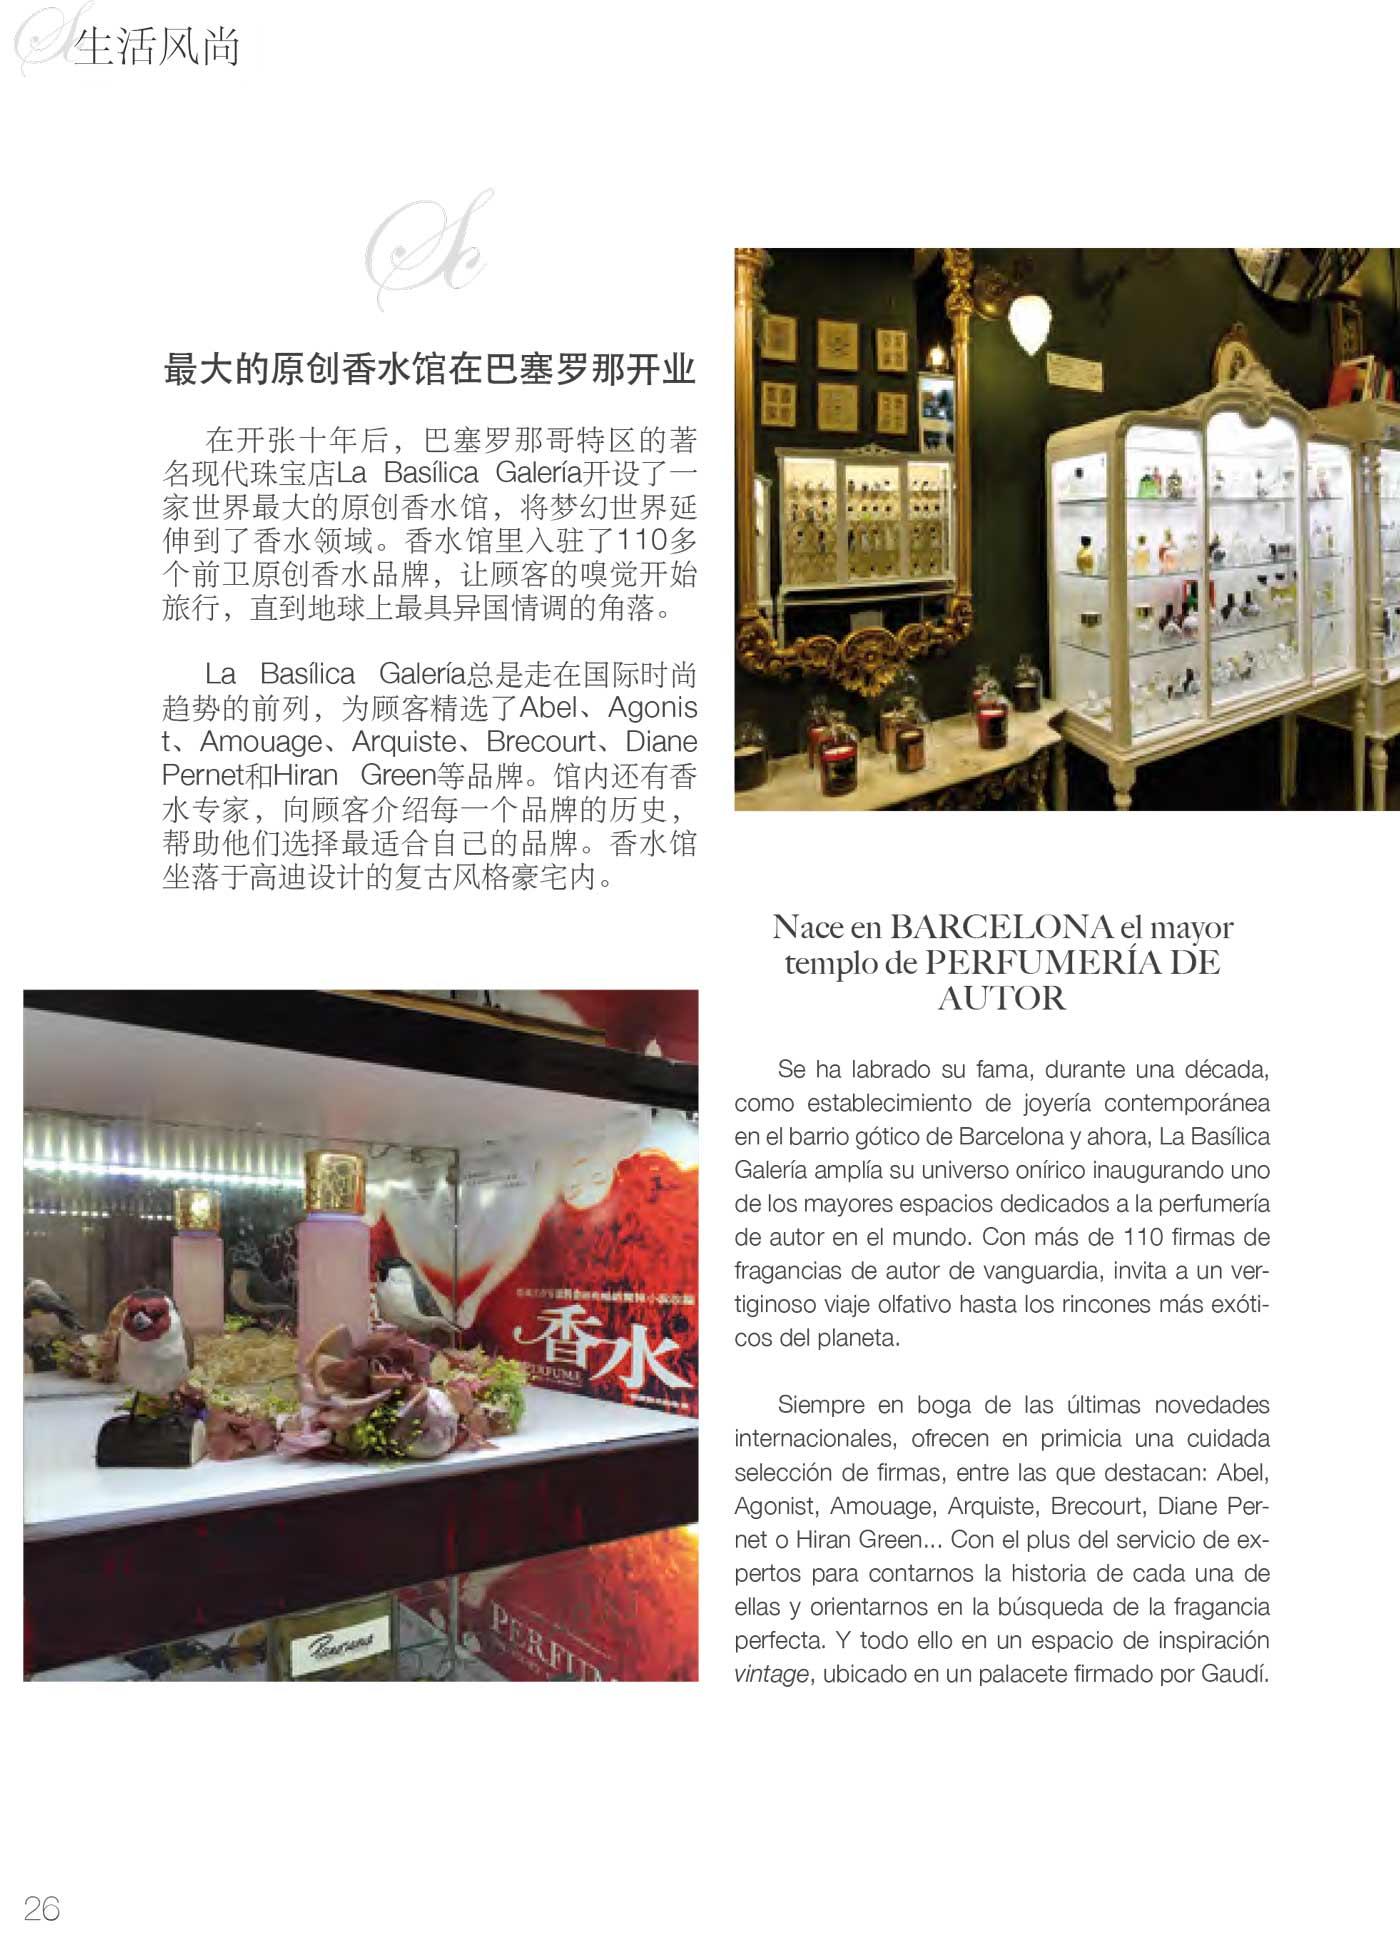 LBG SC China 1 12 2016 2 - Prensa